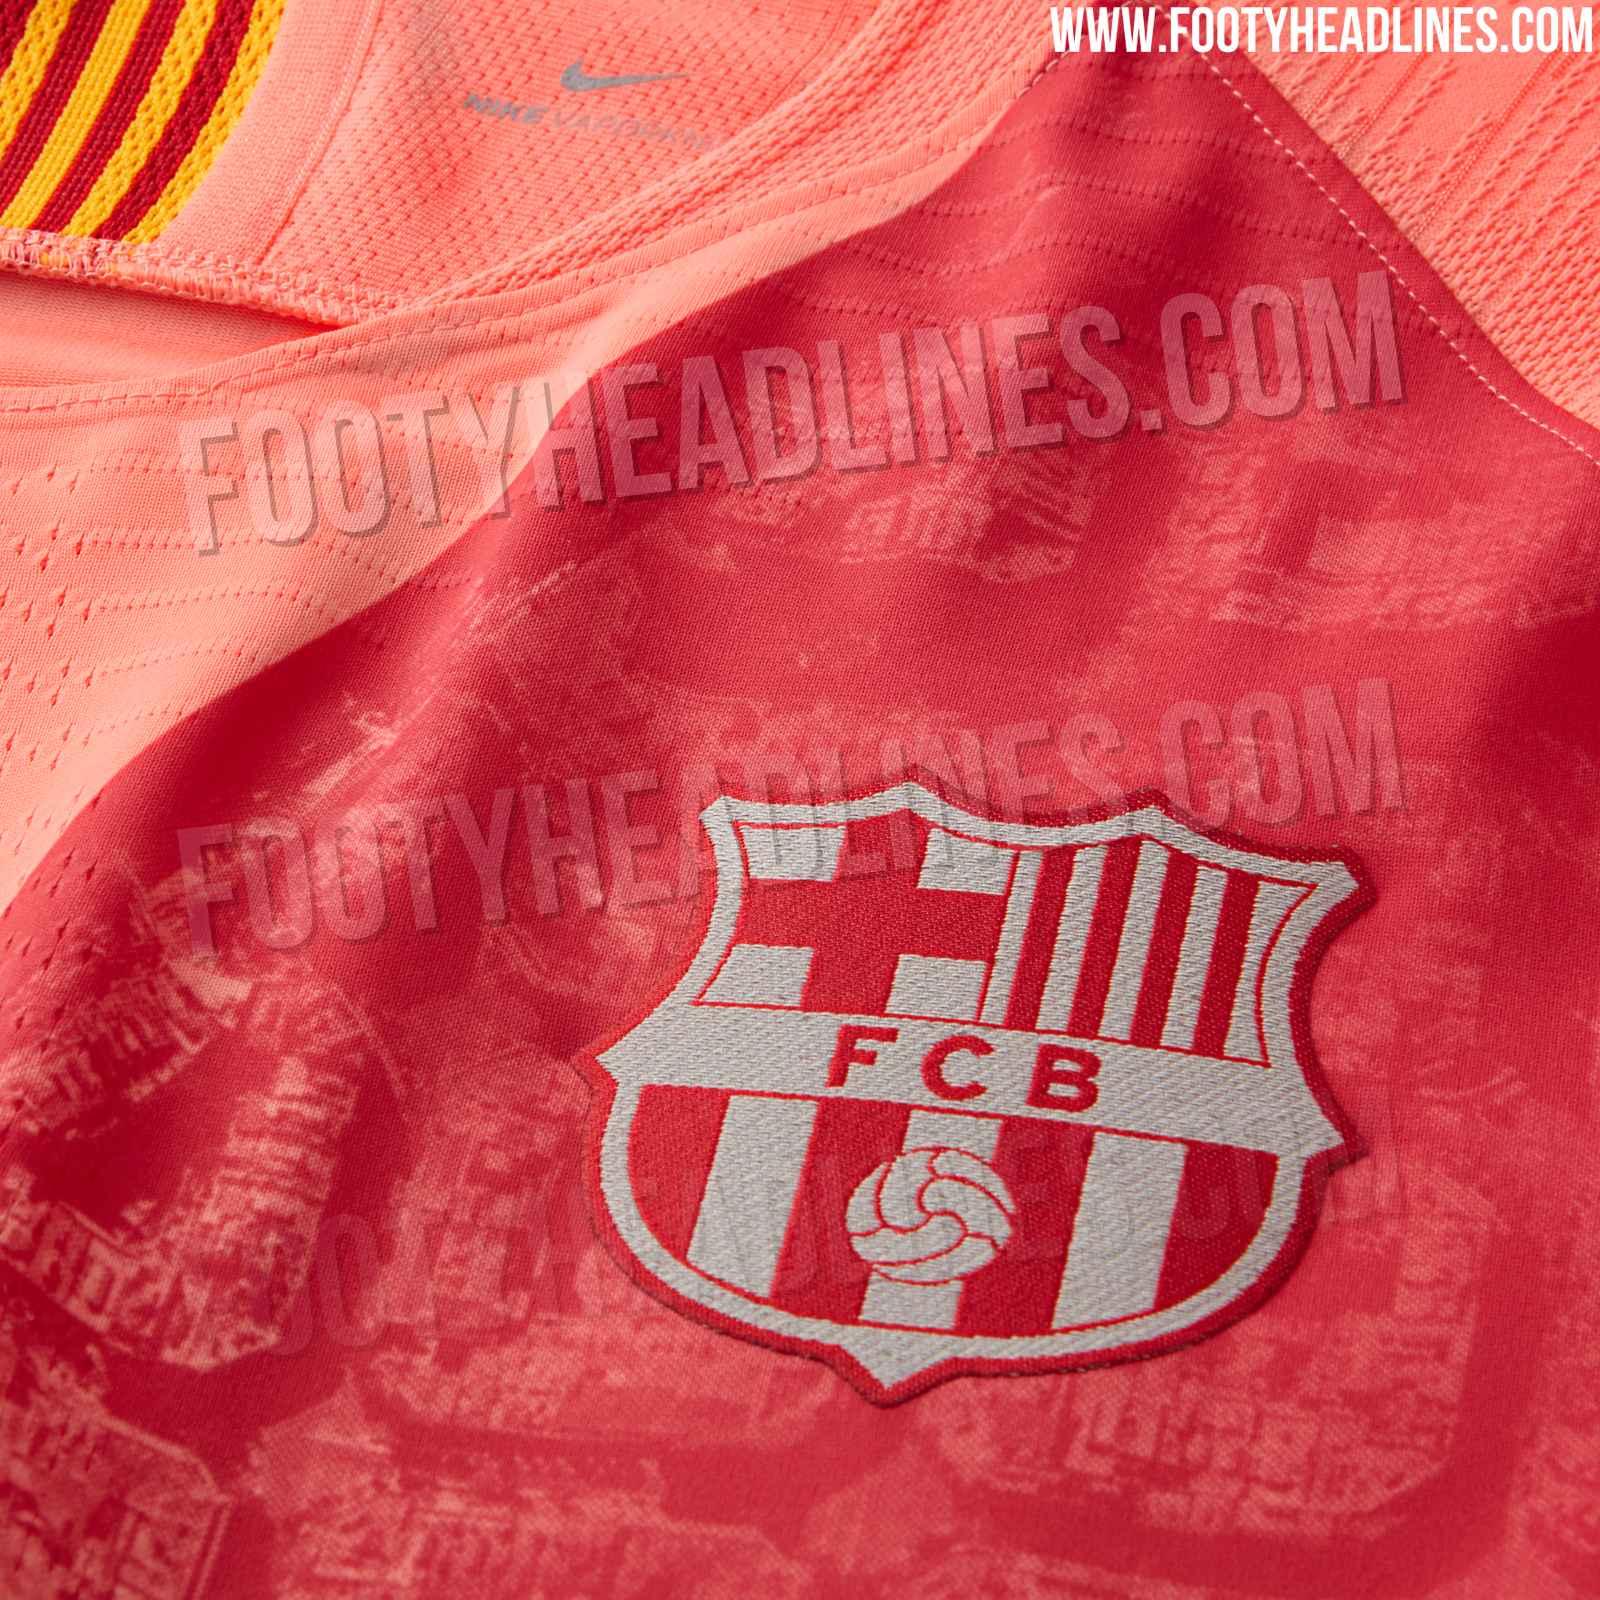 46ed34c14 The Rakuten logo on the Barcelona 2018-2019 third shirt is white